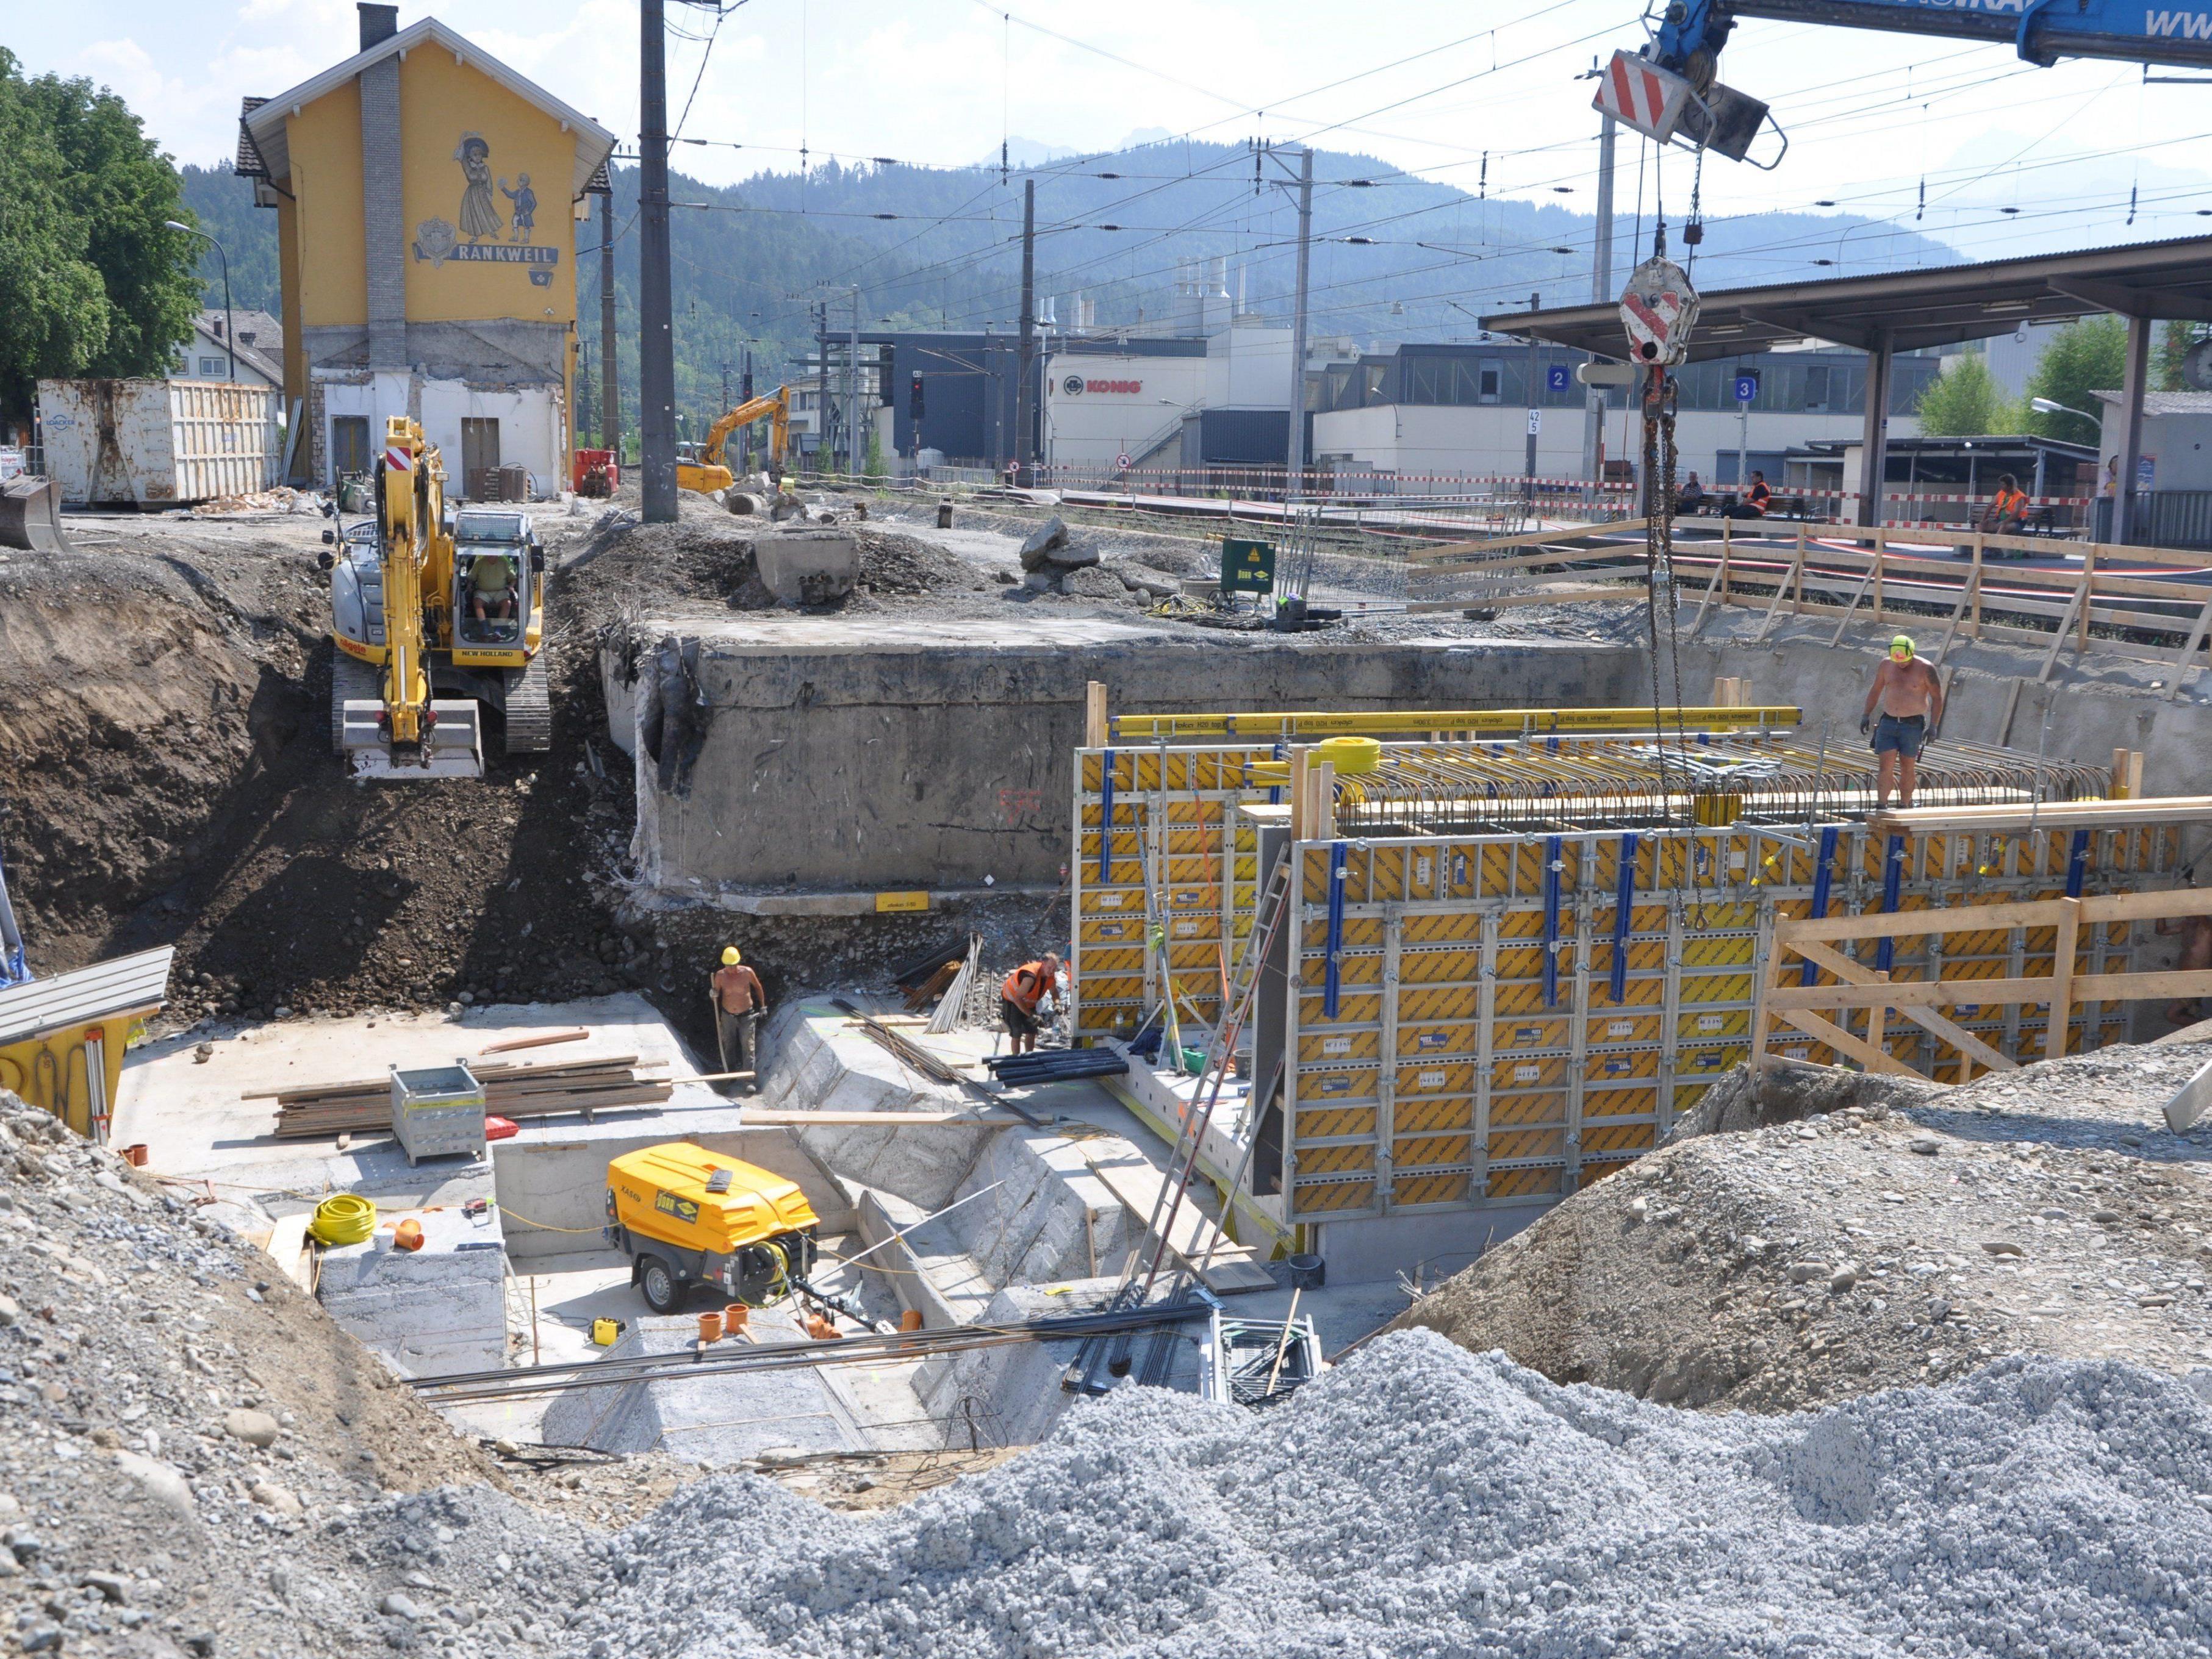 Hier entsteht die neue Bahnsteiunterführung direkt beim Bahnhof.